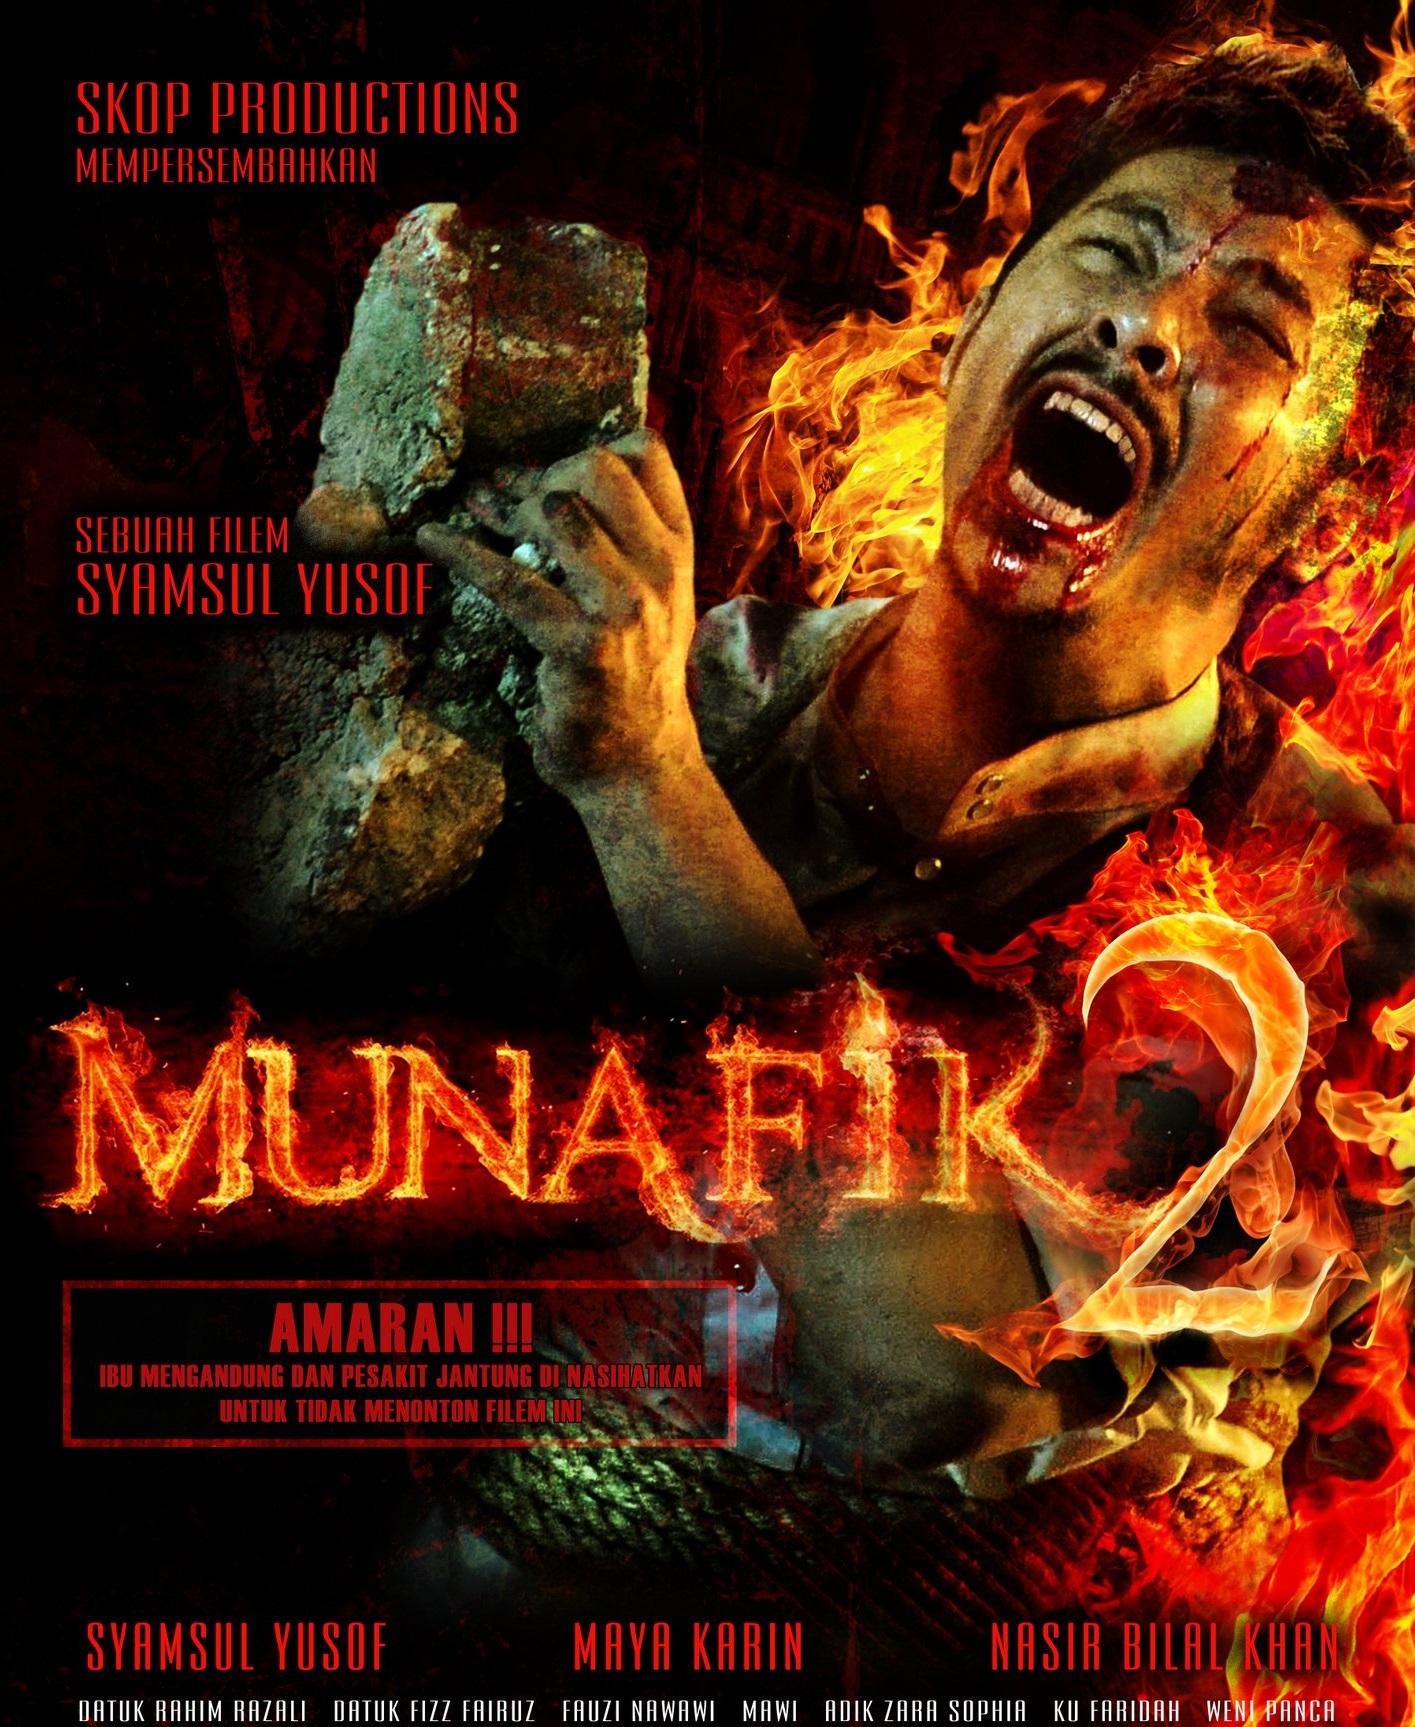 Poster filem Munafik 2.